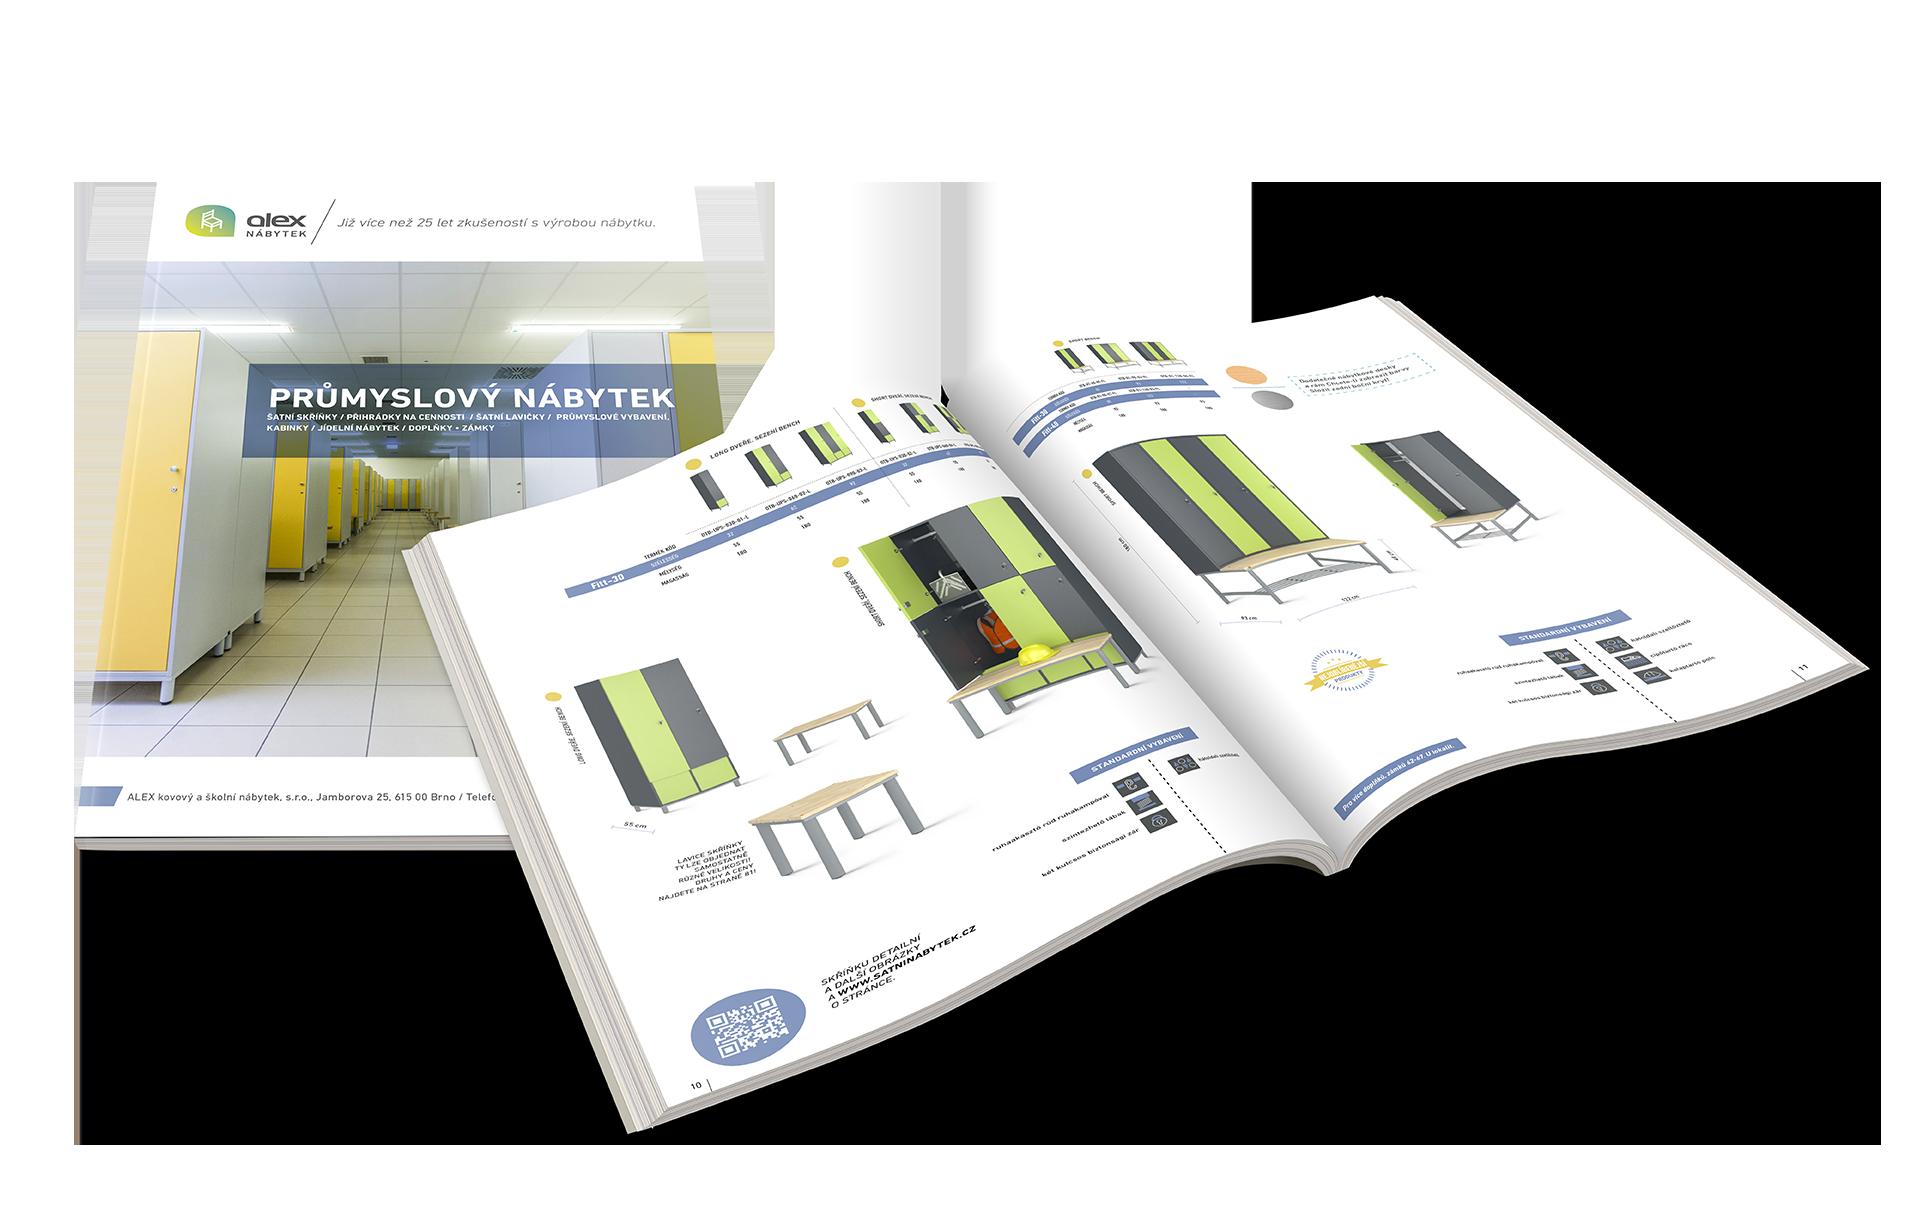 Katalog průmyslového nábytku